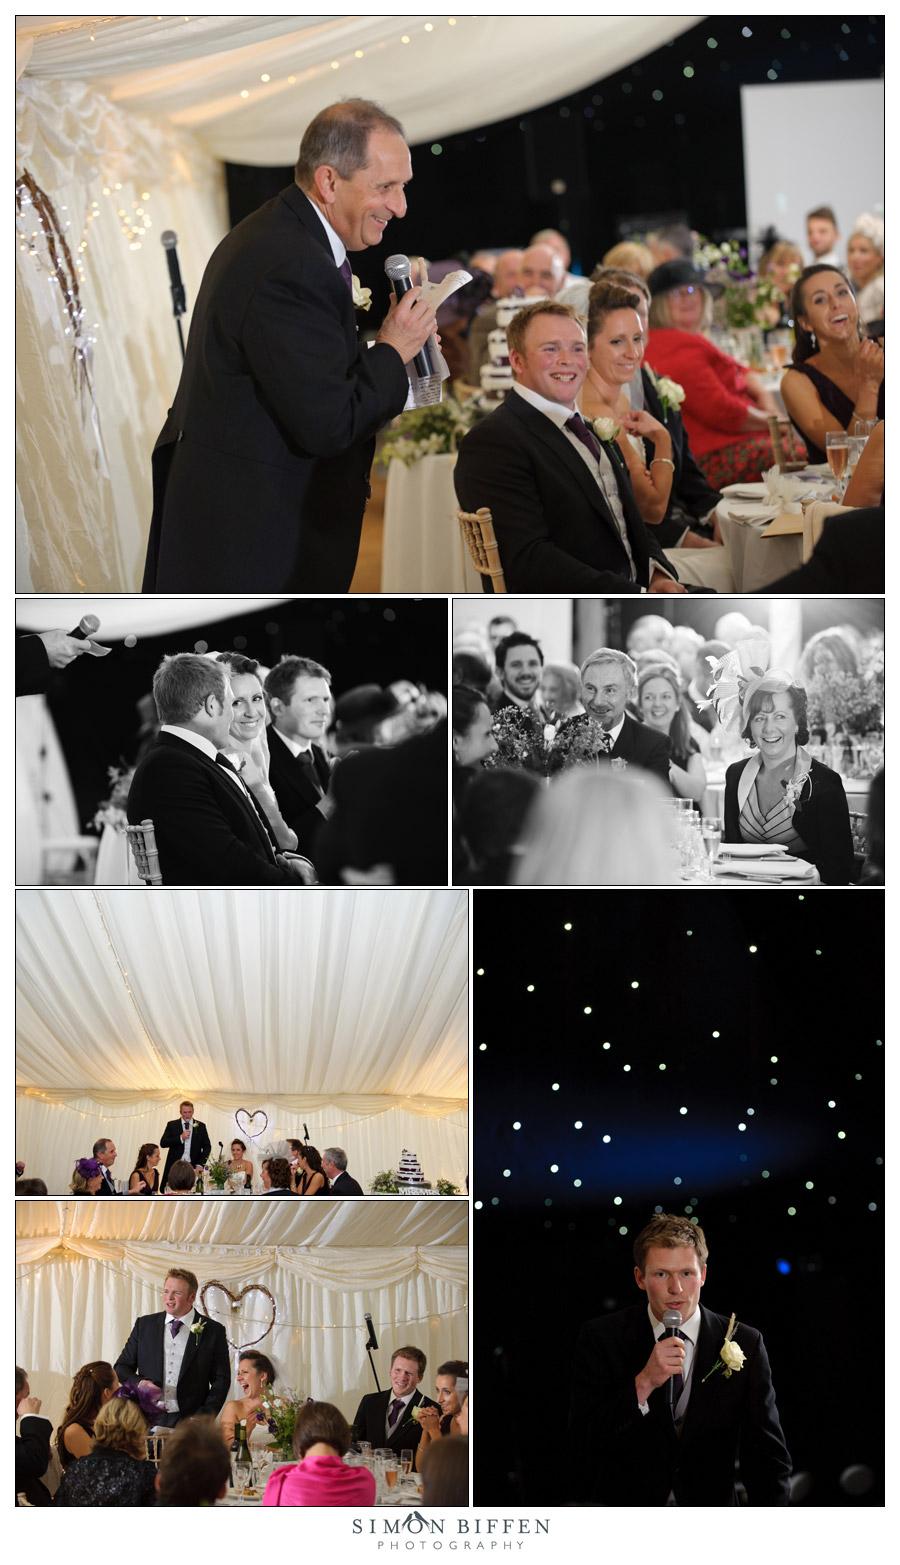 Wedding speeches - Simon Biffen Photography